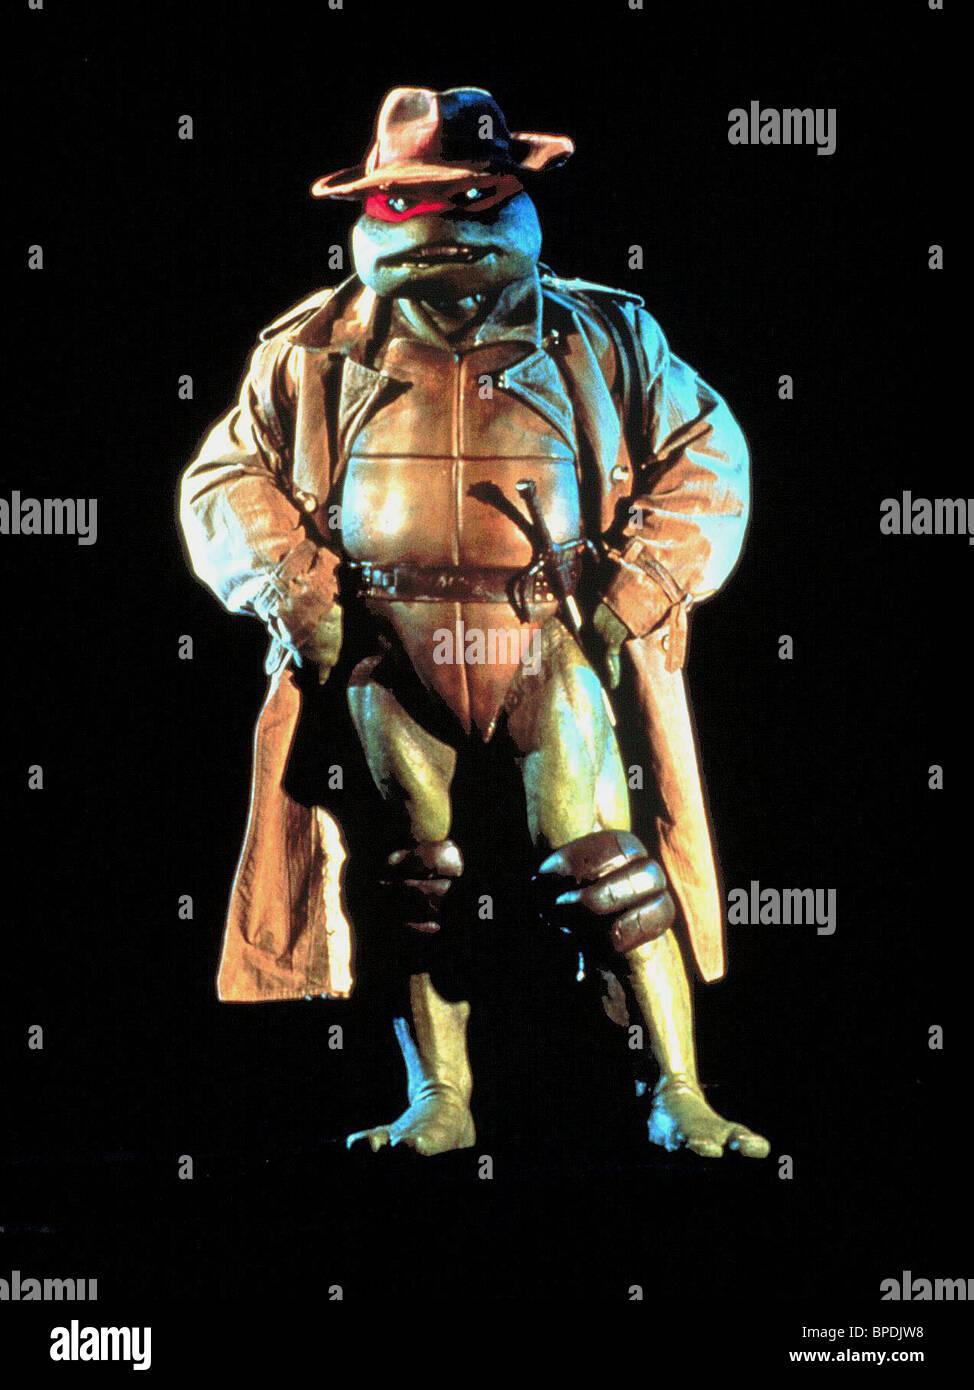 Raphael Teenage Mutant Ninja Turtles 1990 Stock Photo Alamy